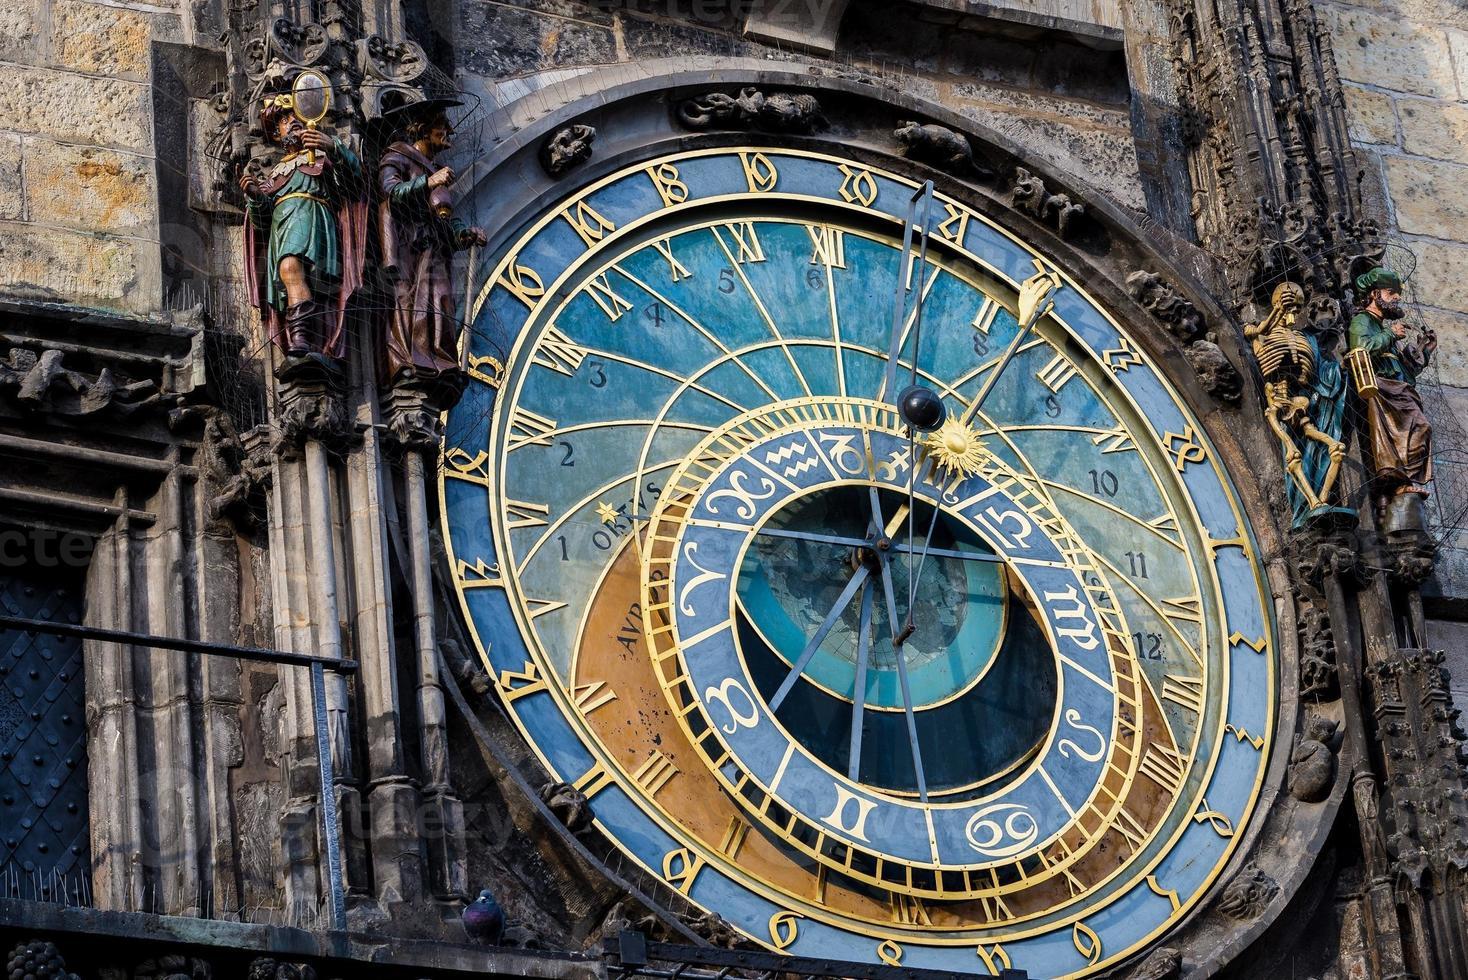 horloge astronomique de prague (orloj) dans la vieille ville de prague photo